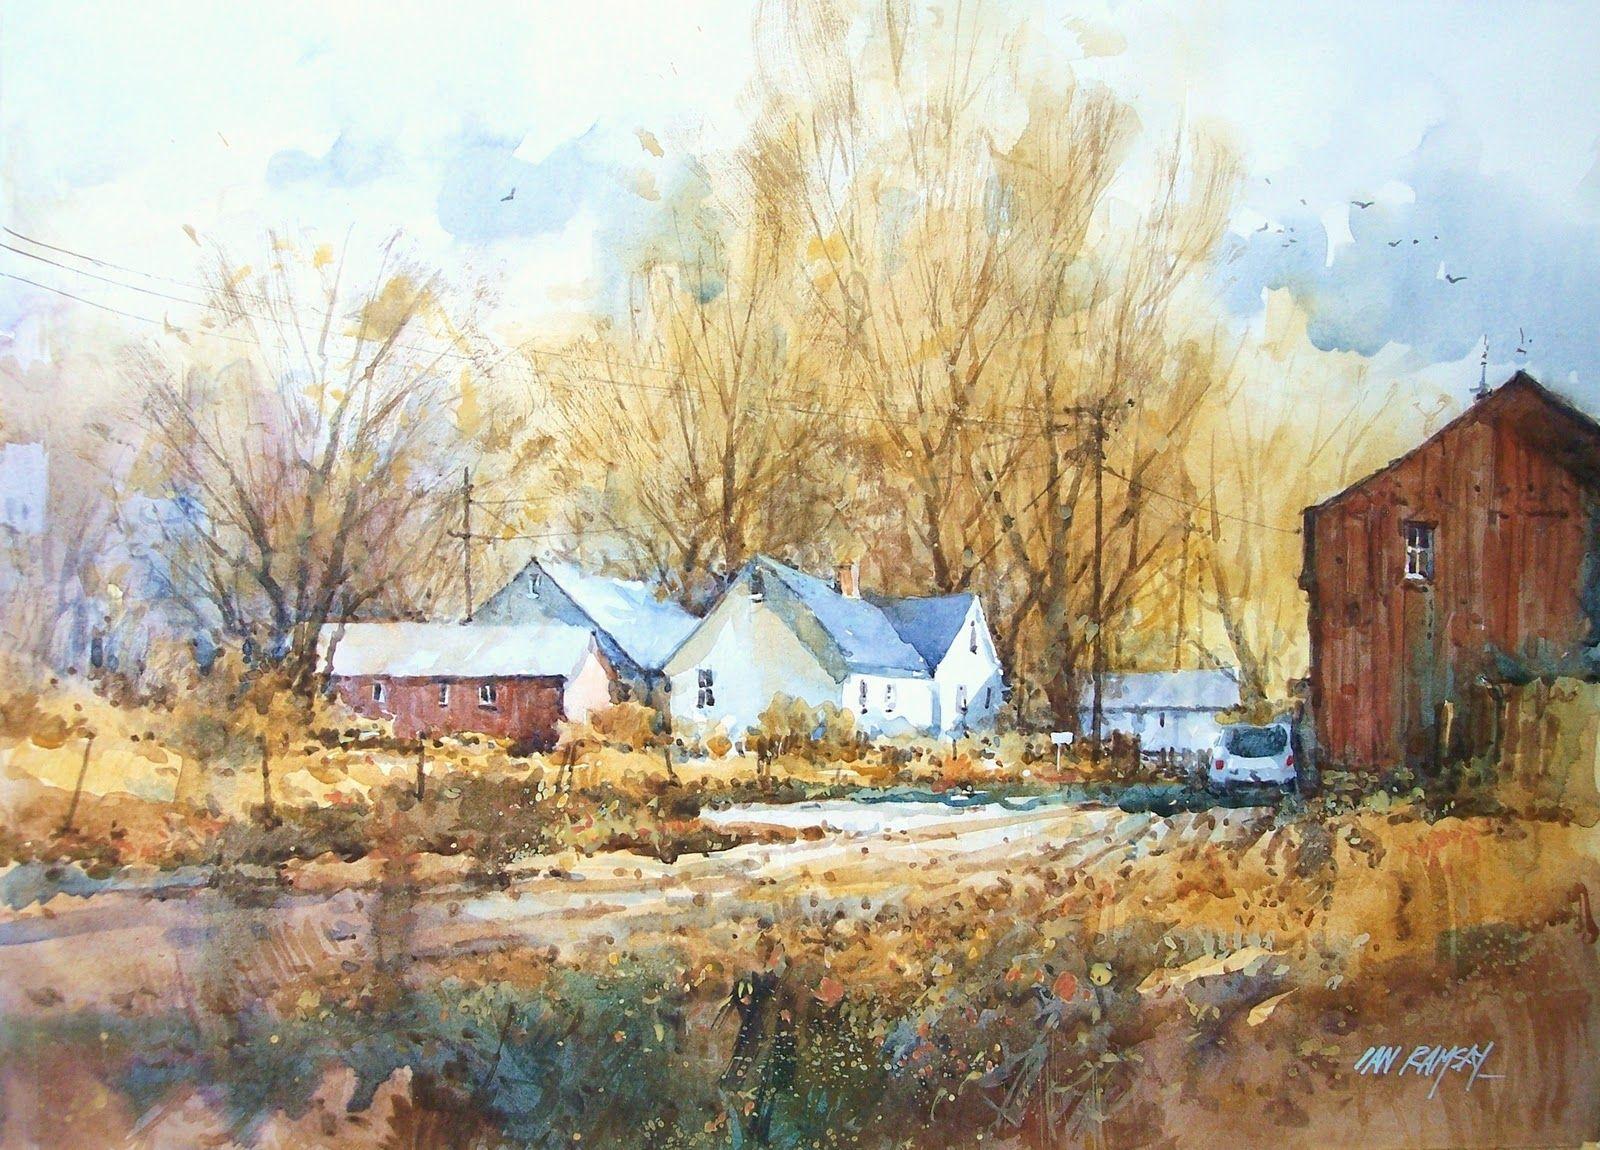 Ian Ramsay Watercolors Rural Watercolors Plein Air Watercolor Famous Watercolor Artists Basic Watercolor